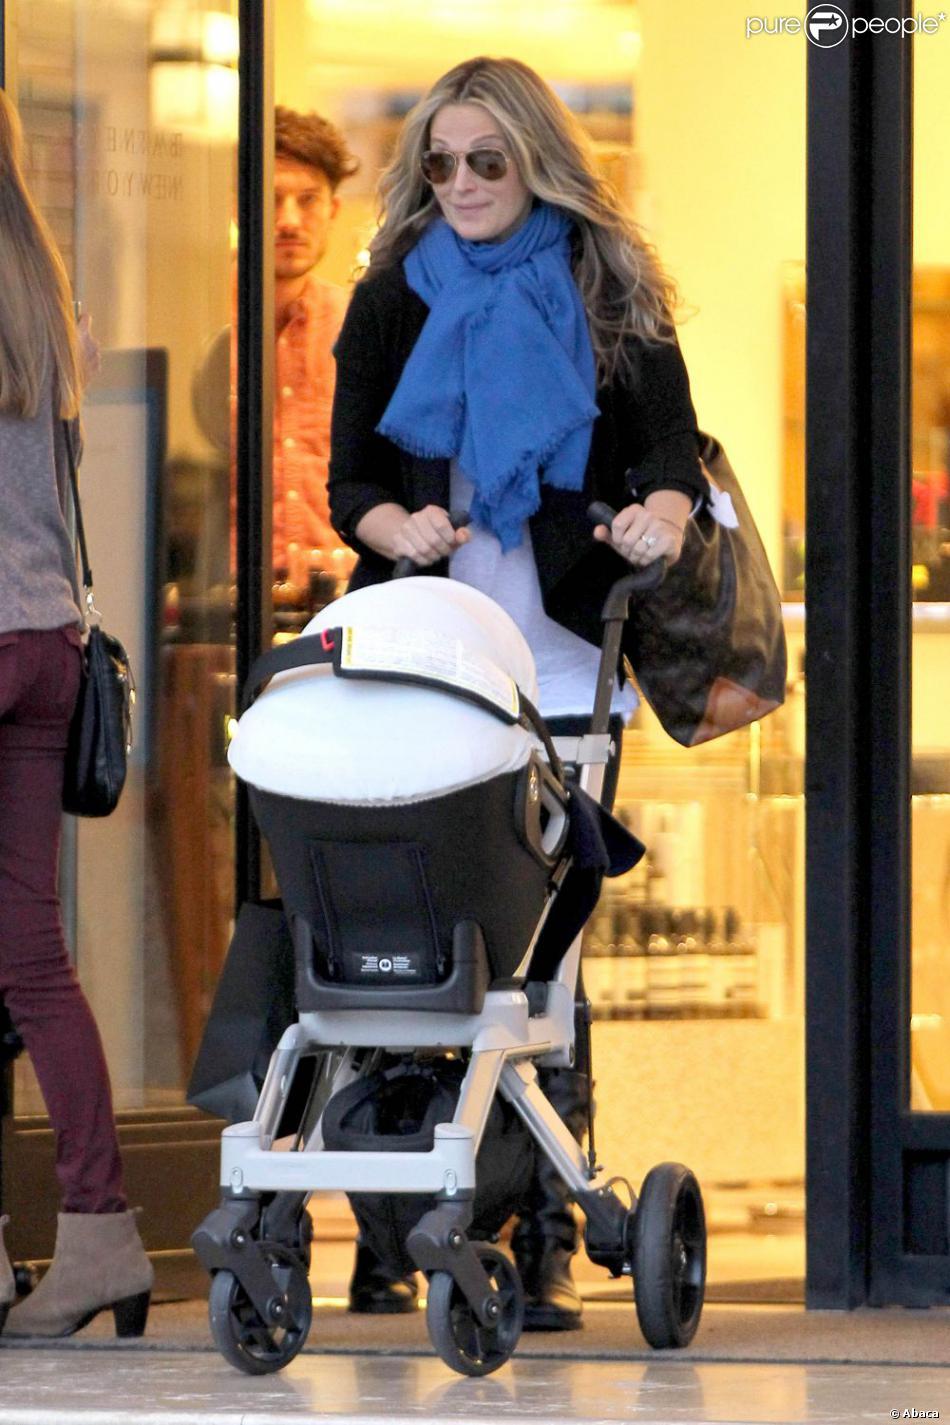 Molly Sims de sortie shopping avec son jeune fils de 6 mois en poussette, dans les rues de Beverly Hills, le vendredi 14 décembre 2012.